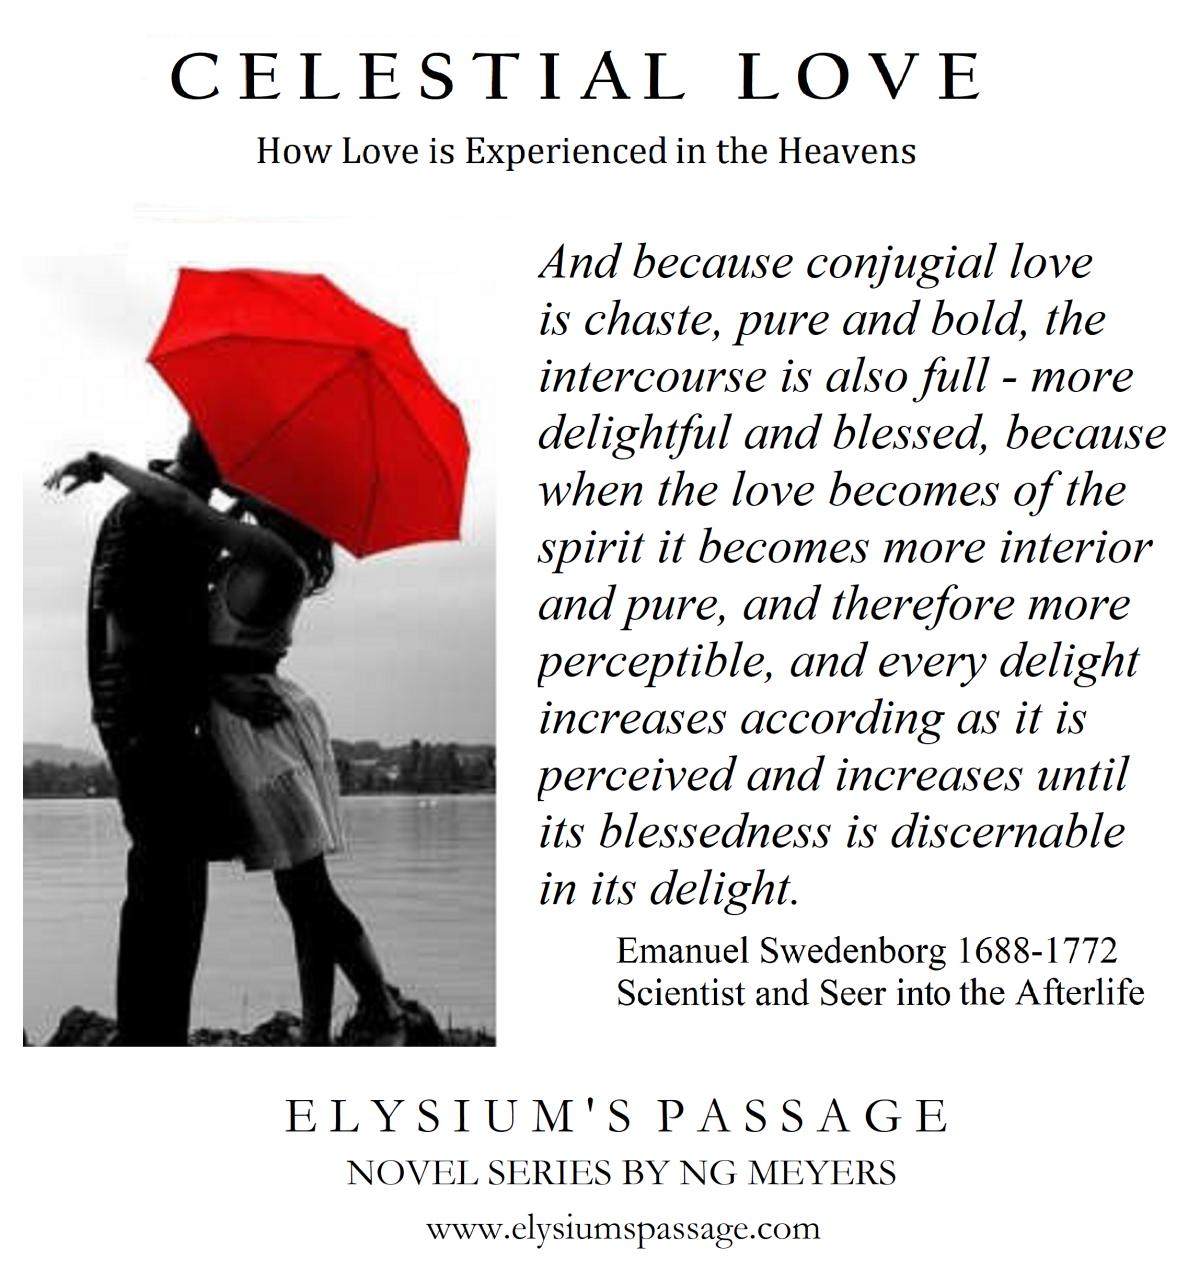 CELESTIAL LOVE - AND HOW JAMES GOT NUN